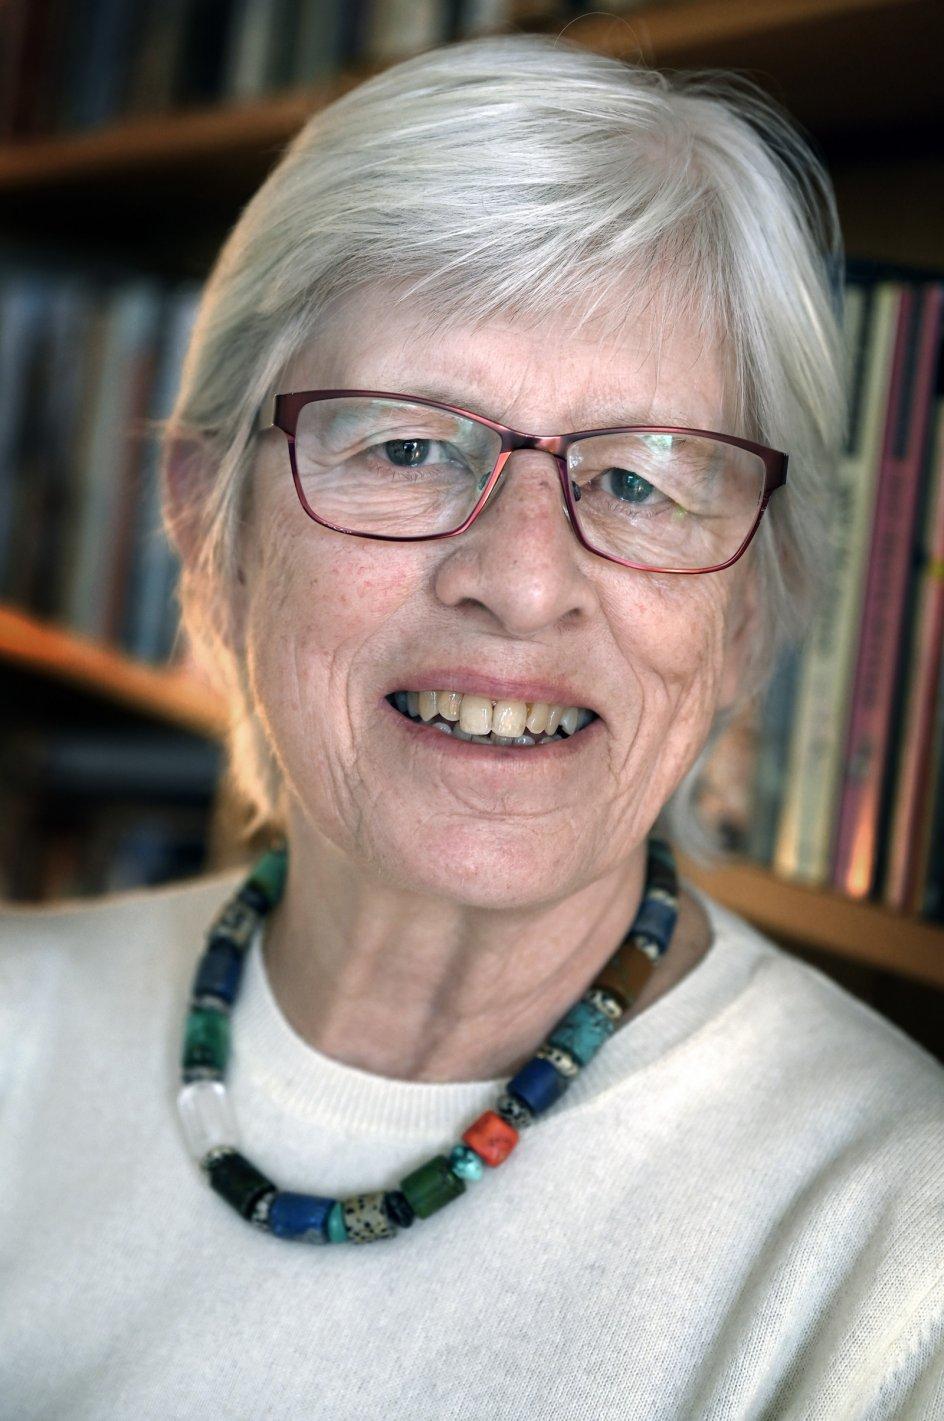 Lene Pind i lejligheden på Amager, hvor hun bor sammen med sin mand. Hun har været medlem af Dansk Kvindesamfund siden 1970'erne. Hun mener, at de store fremskridt, der er sket for kvinder de sidste 50 år, skyldes, at Dansk Kvindesamfund, rødstrømperne og flere andre bevægelser har været med til at holde fast i en dagsorden om mere ligestilling. – Foto: Leif Tuxen.